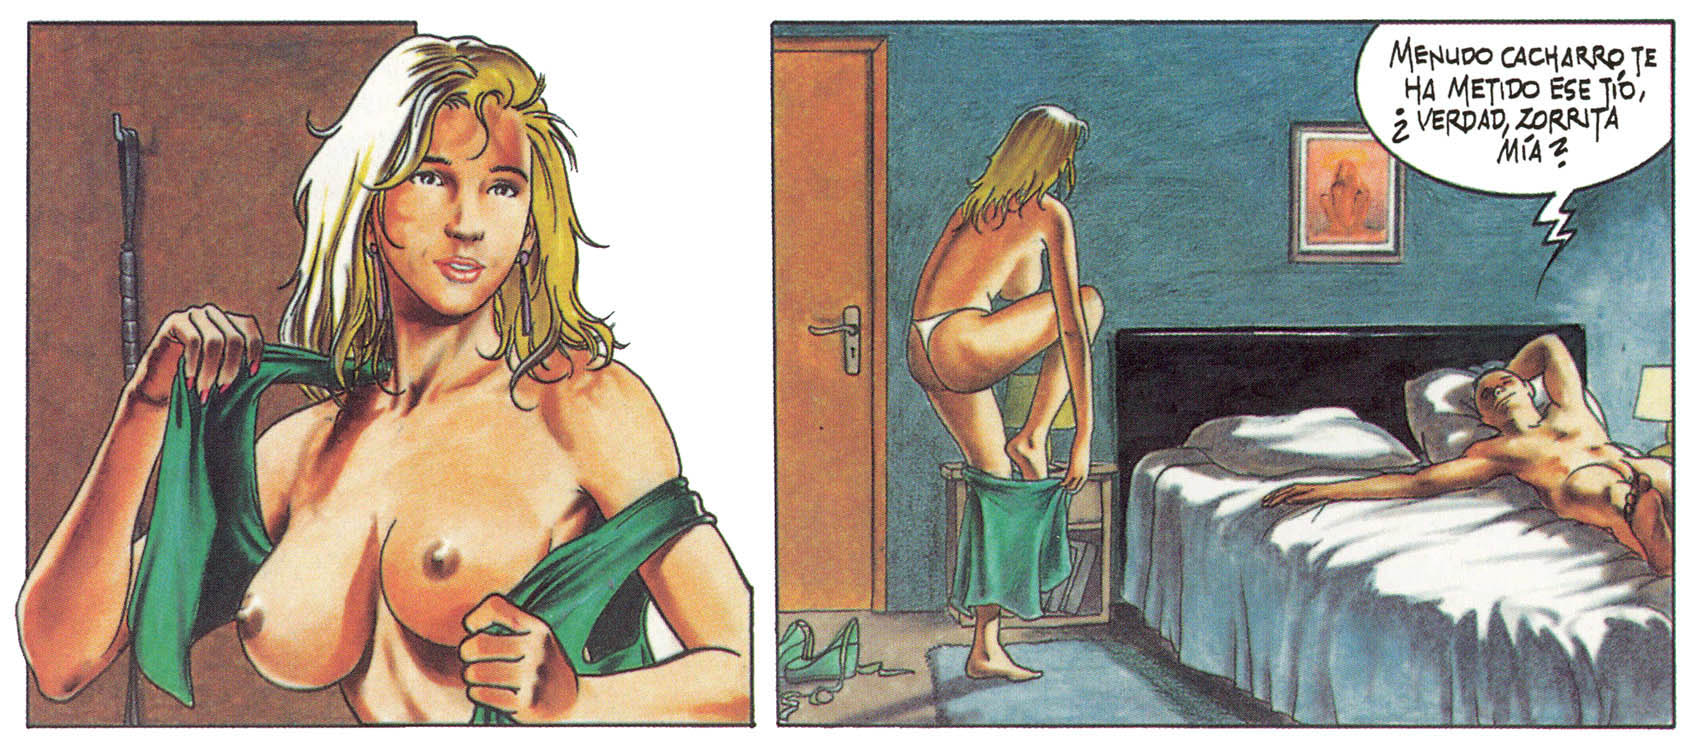 Эротические рассказы герцог, Забавы герцога Нормандского. Часть 1 - Эротический 16 фотография